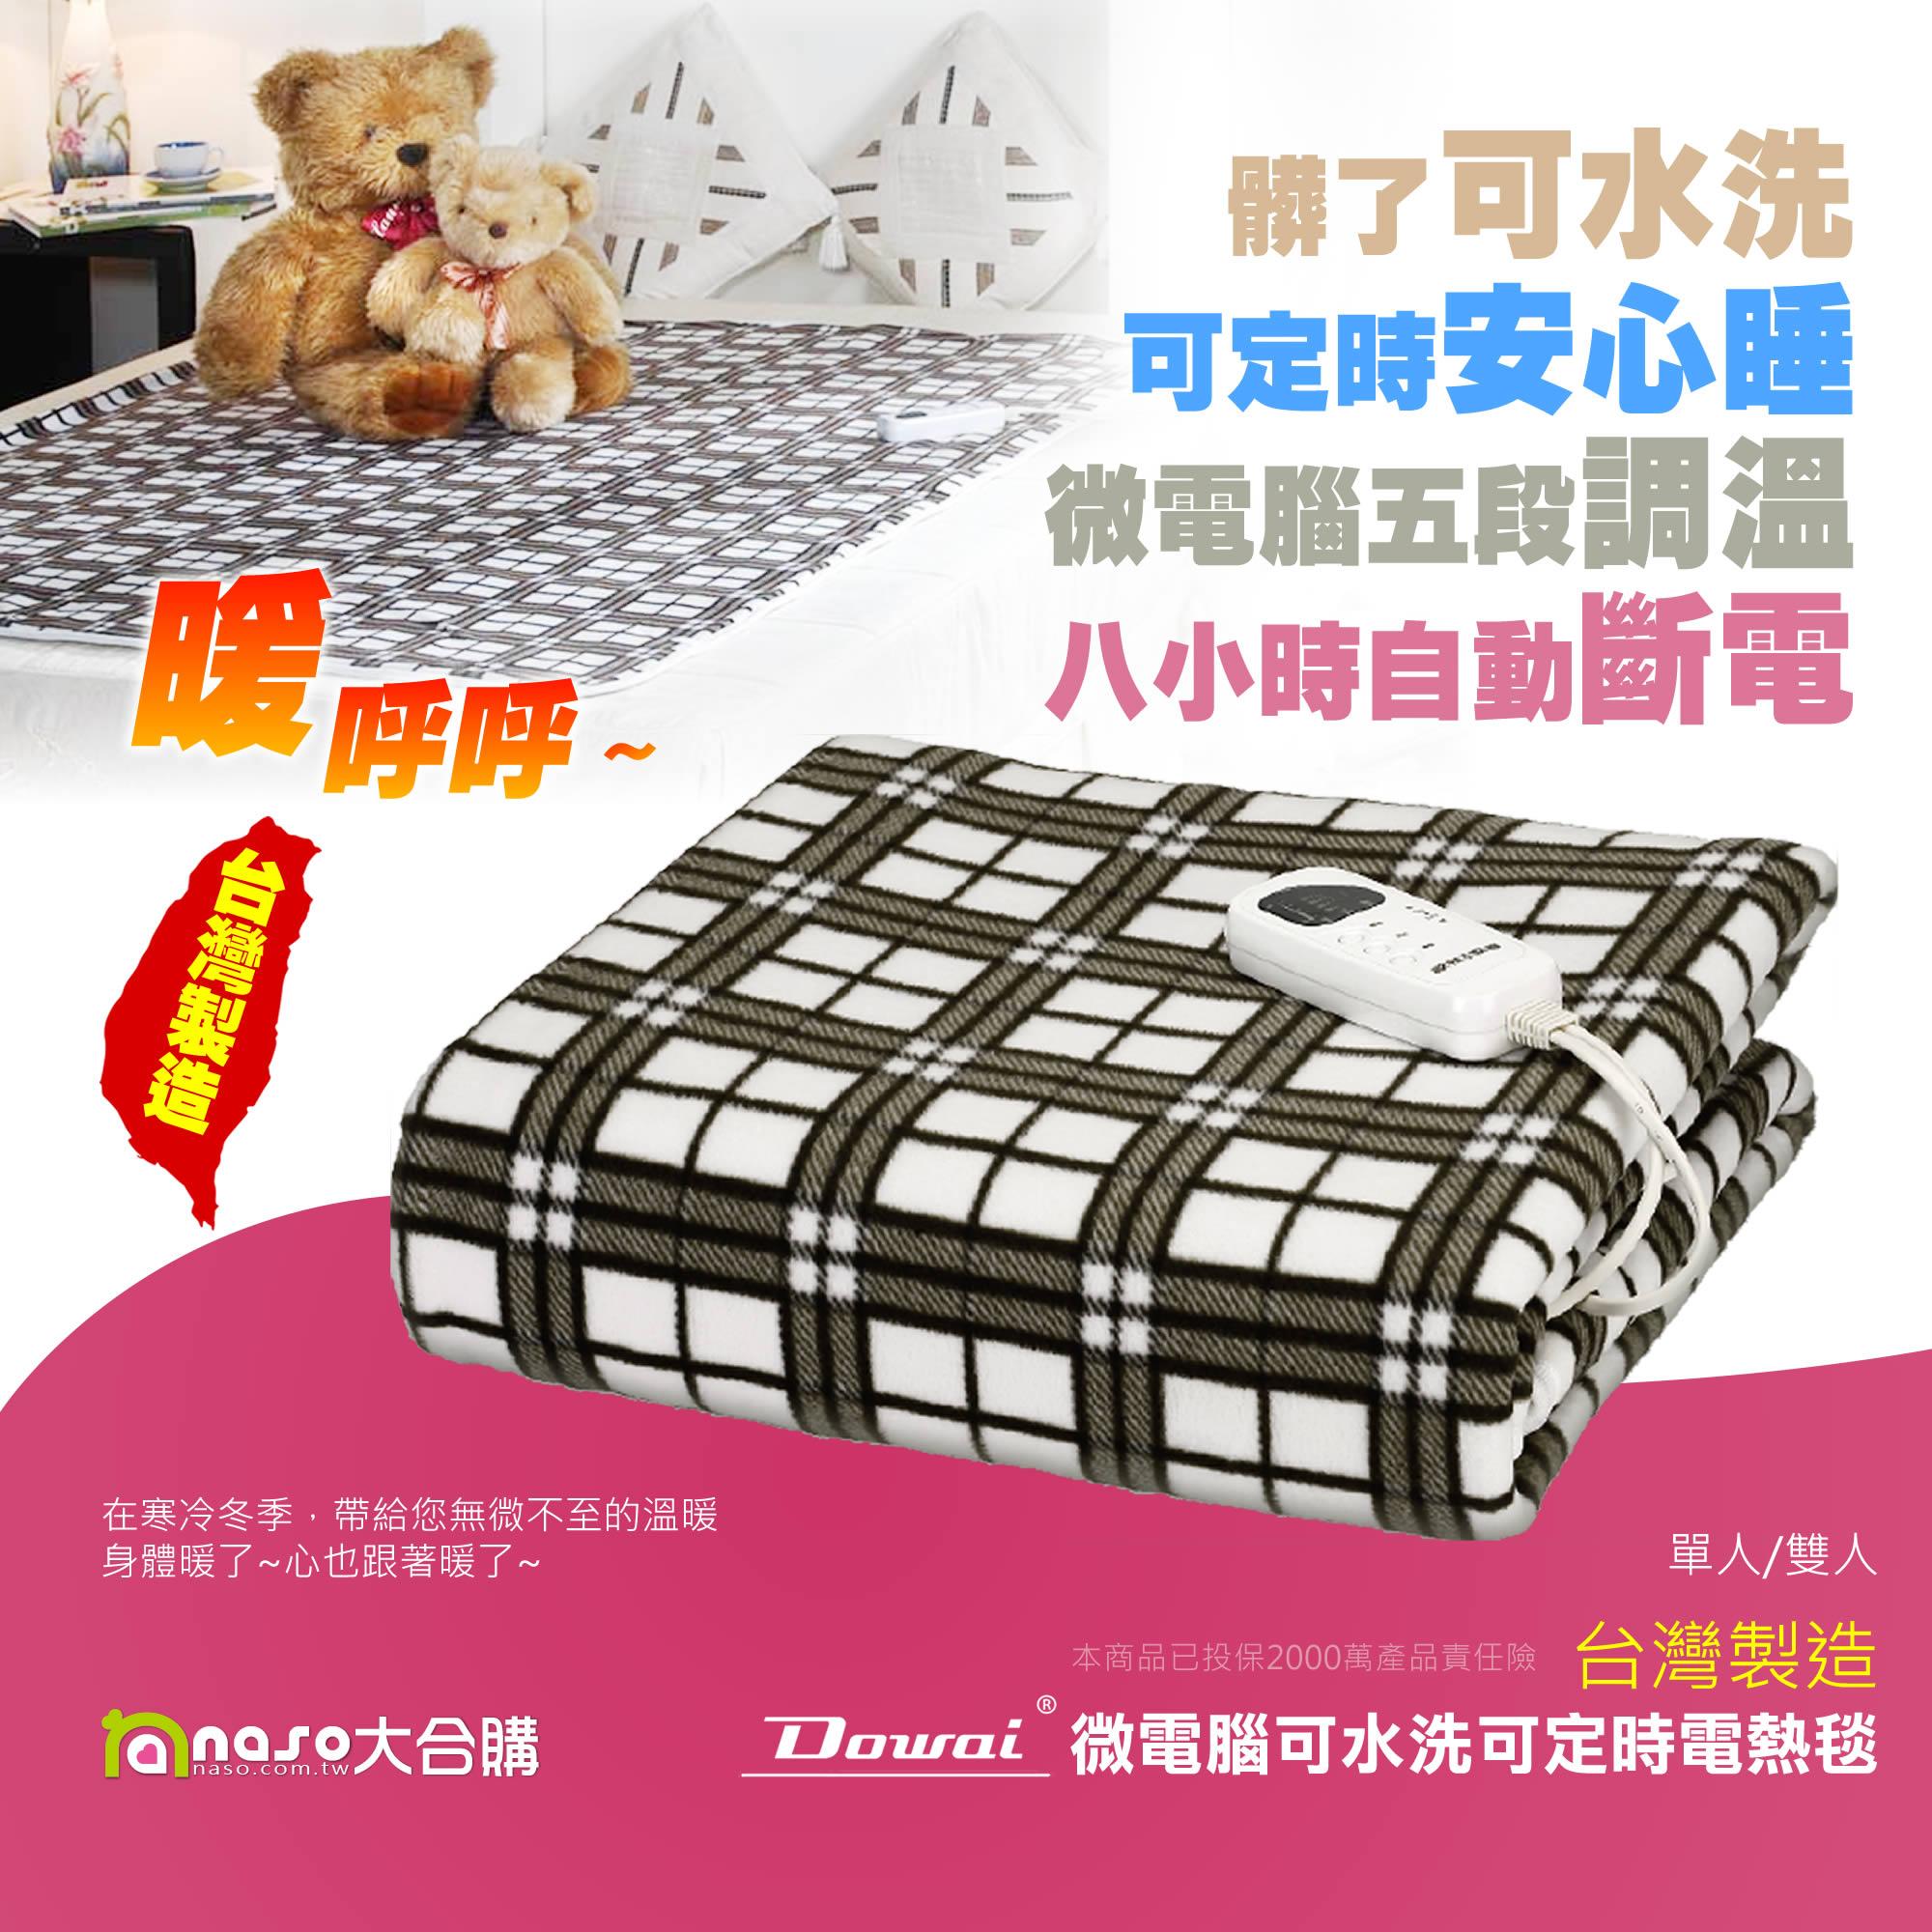 【台灣製造】多偉微電腦可水洗可定時安全電熱毯 好評第8團